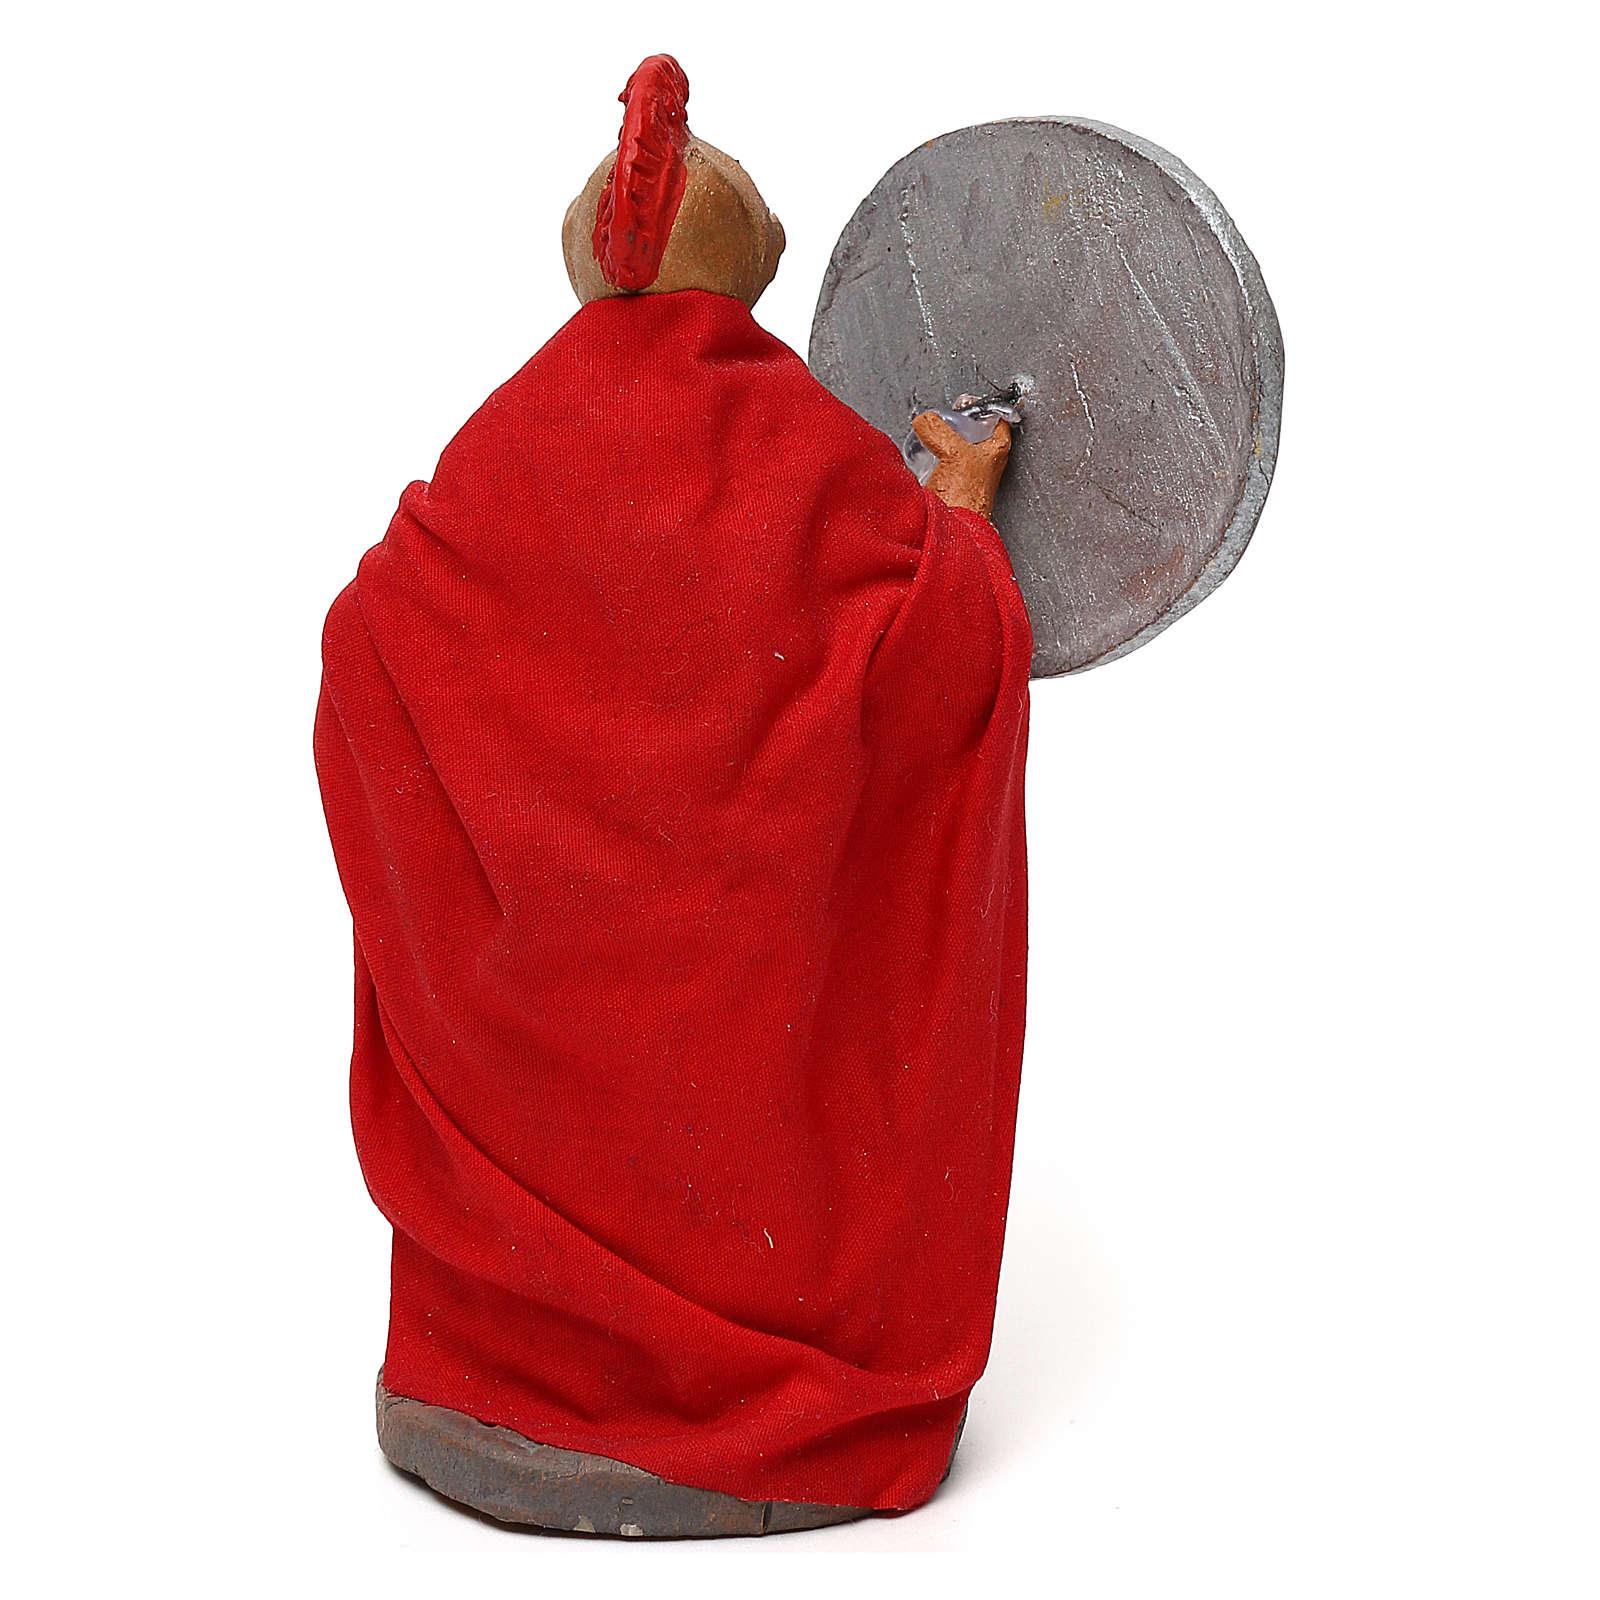 STOCK Soldato Romano con spada in terracotta di 10 cm presepe napoletano 4